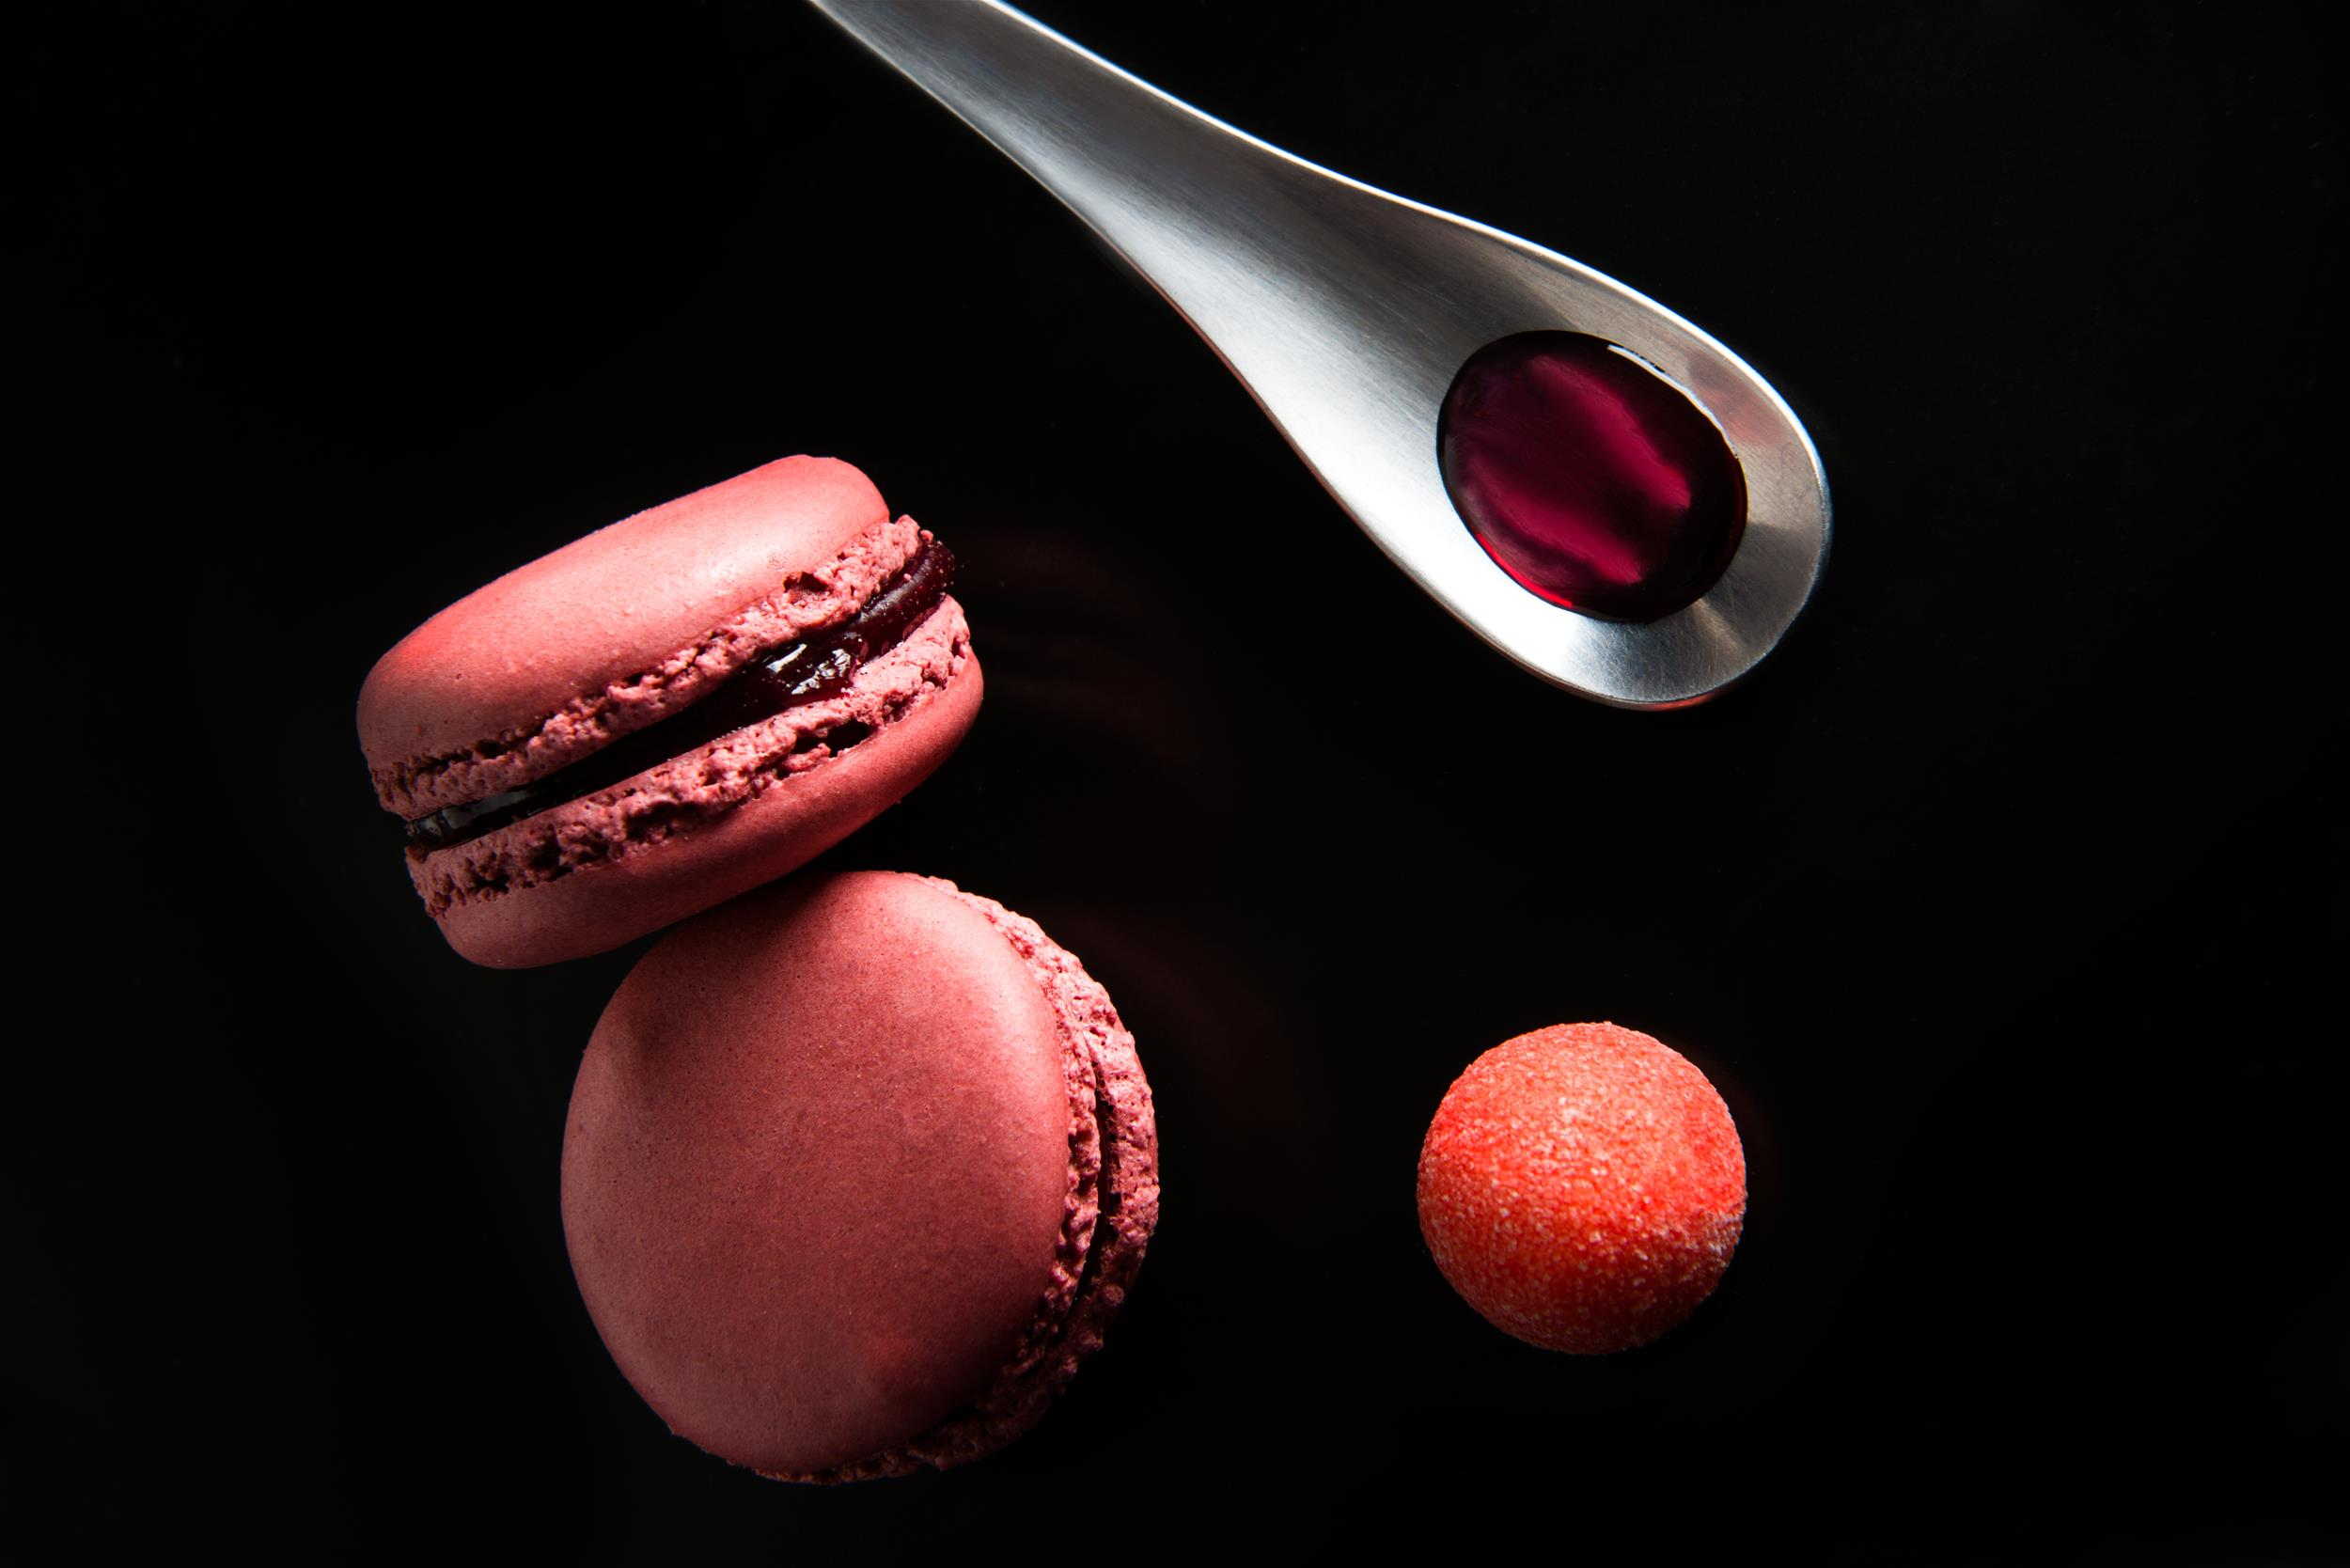 By Clément Reisky - Macarons à la Fraise Tagada